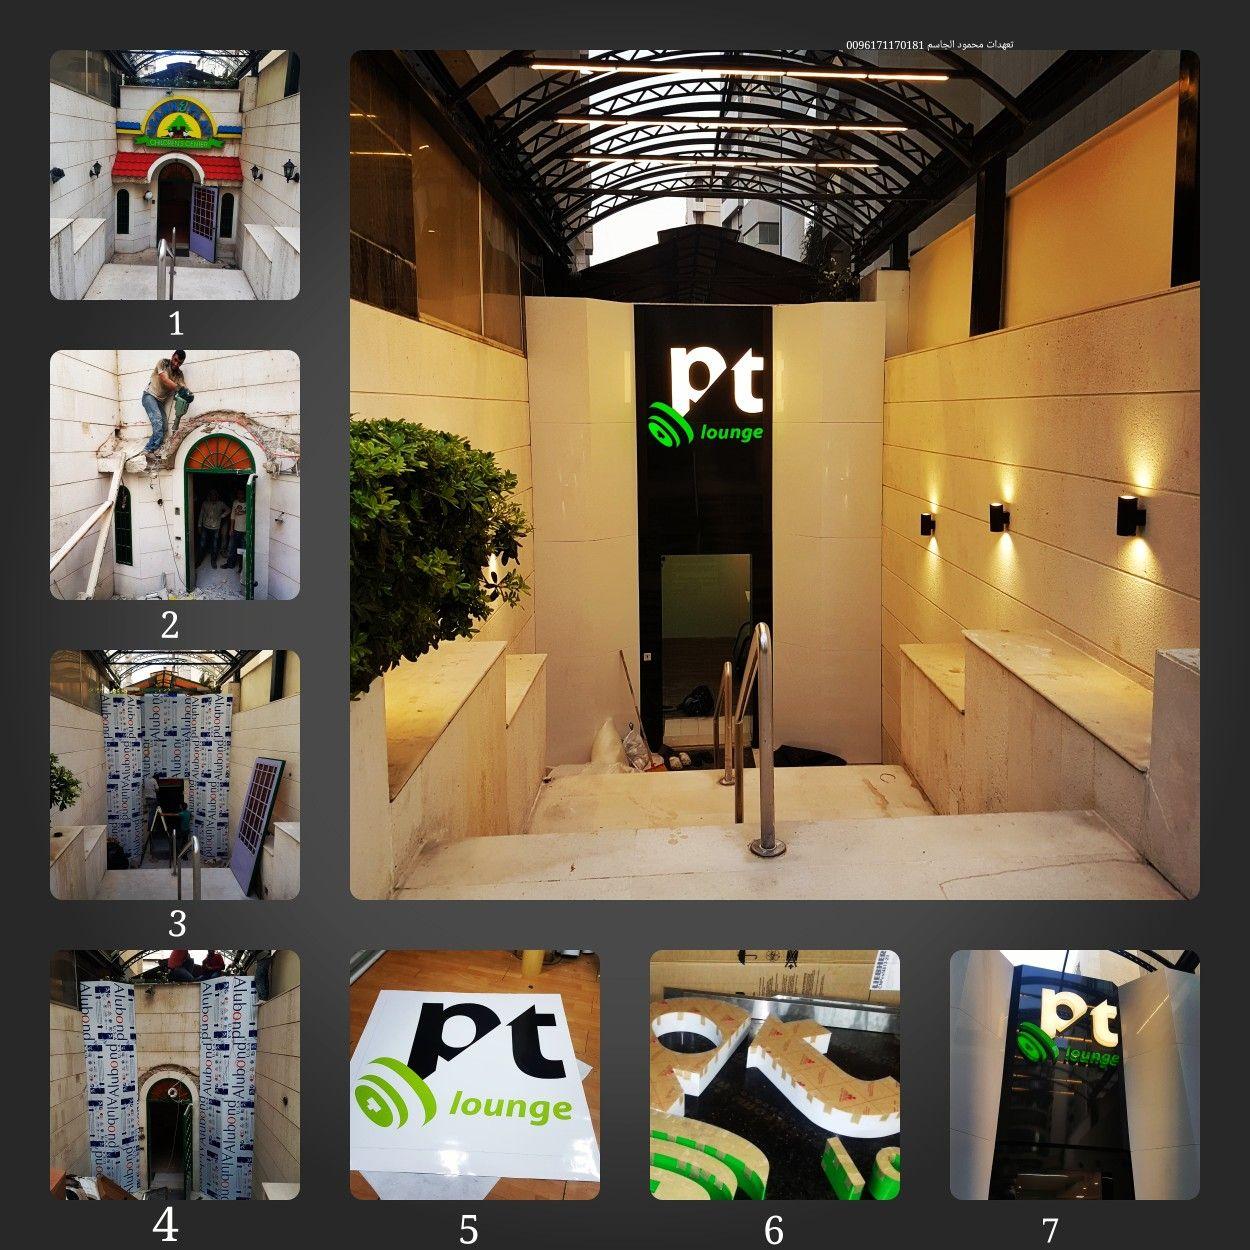 ديكور نادي نوادي Gym Design Gym Decor شركة تنفيذ ديكور داخلي في لبنان للتواصل 0096171170181 ترميم بيوت شقق بيوت قديمة ا House Styles House Design Decor Design